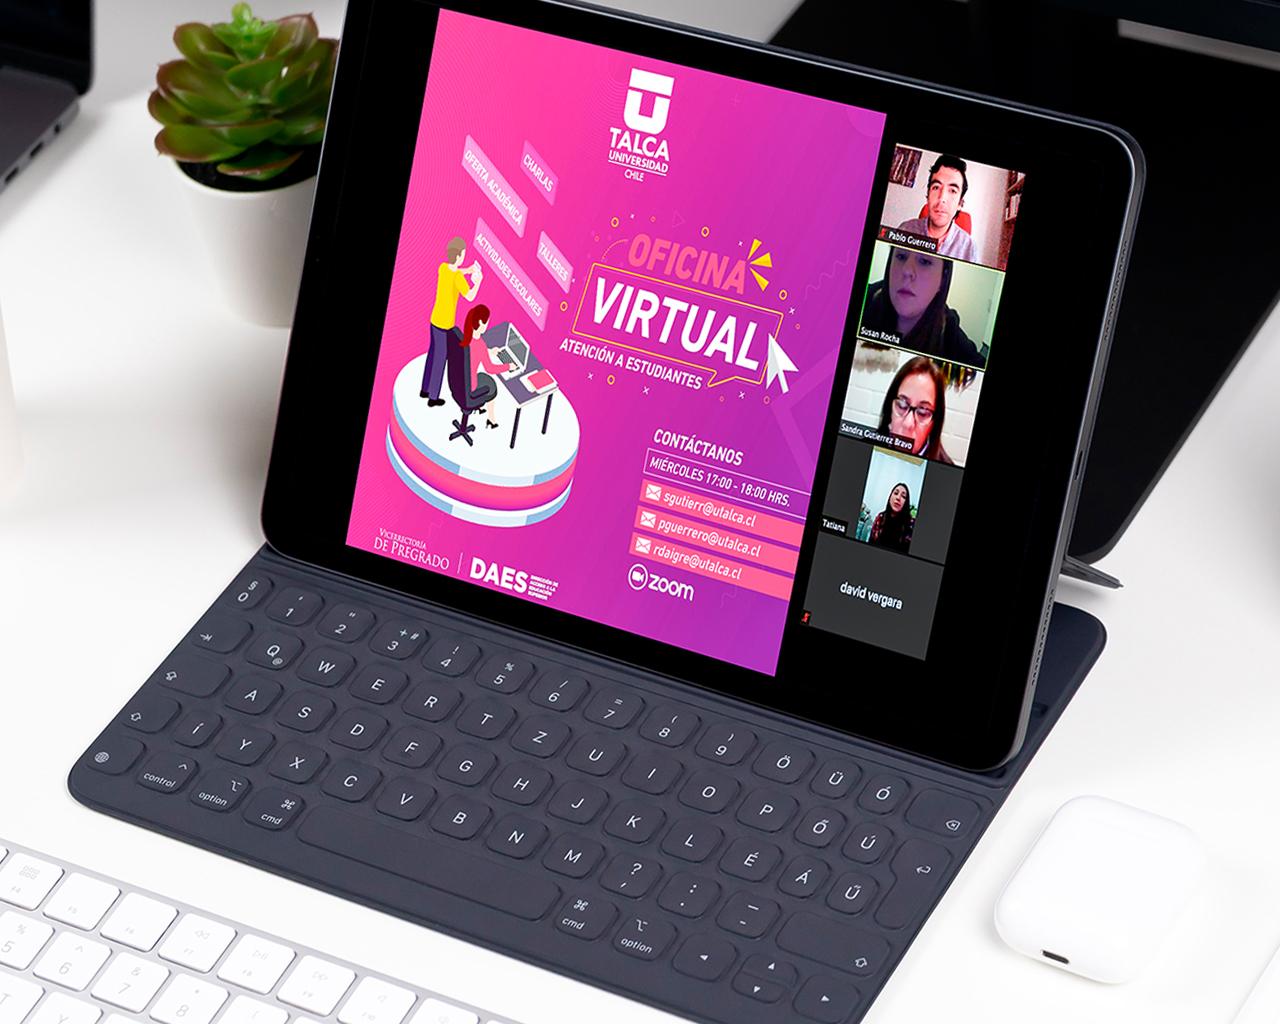 Ayudan a resolver dudas sobre admisión 2021 a través de Oficina Virtual